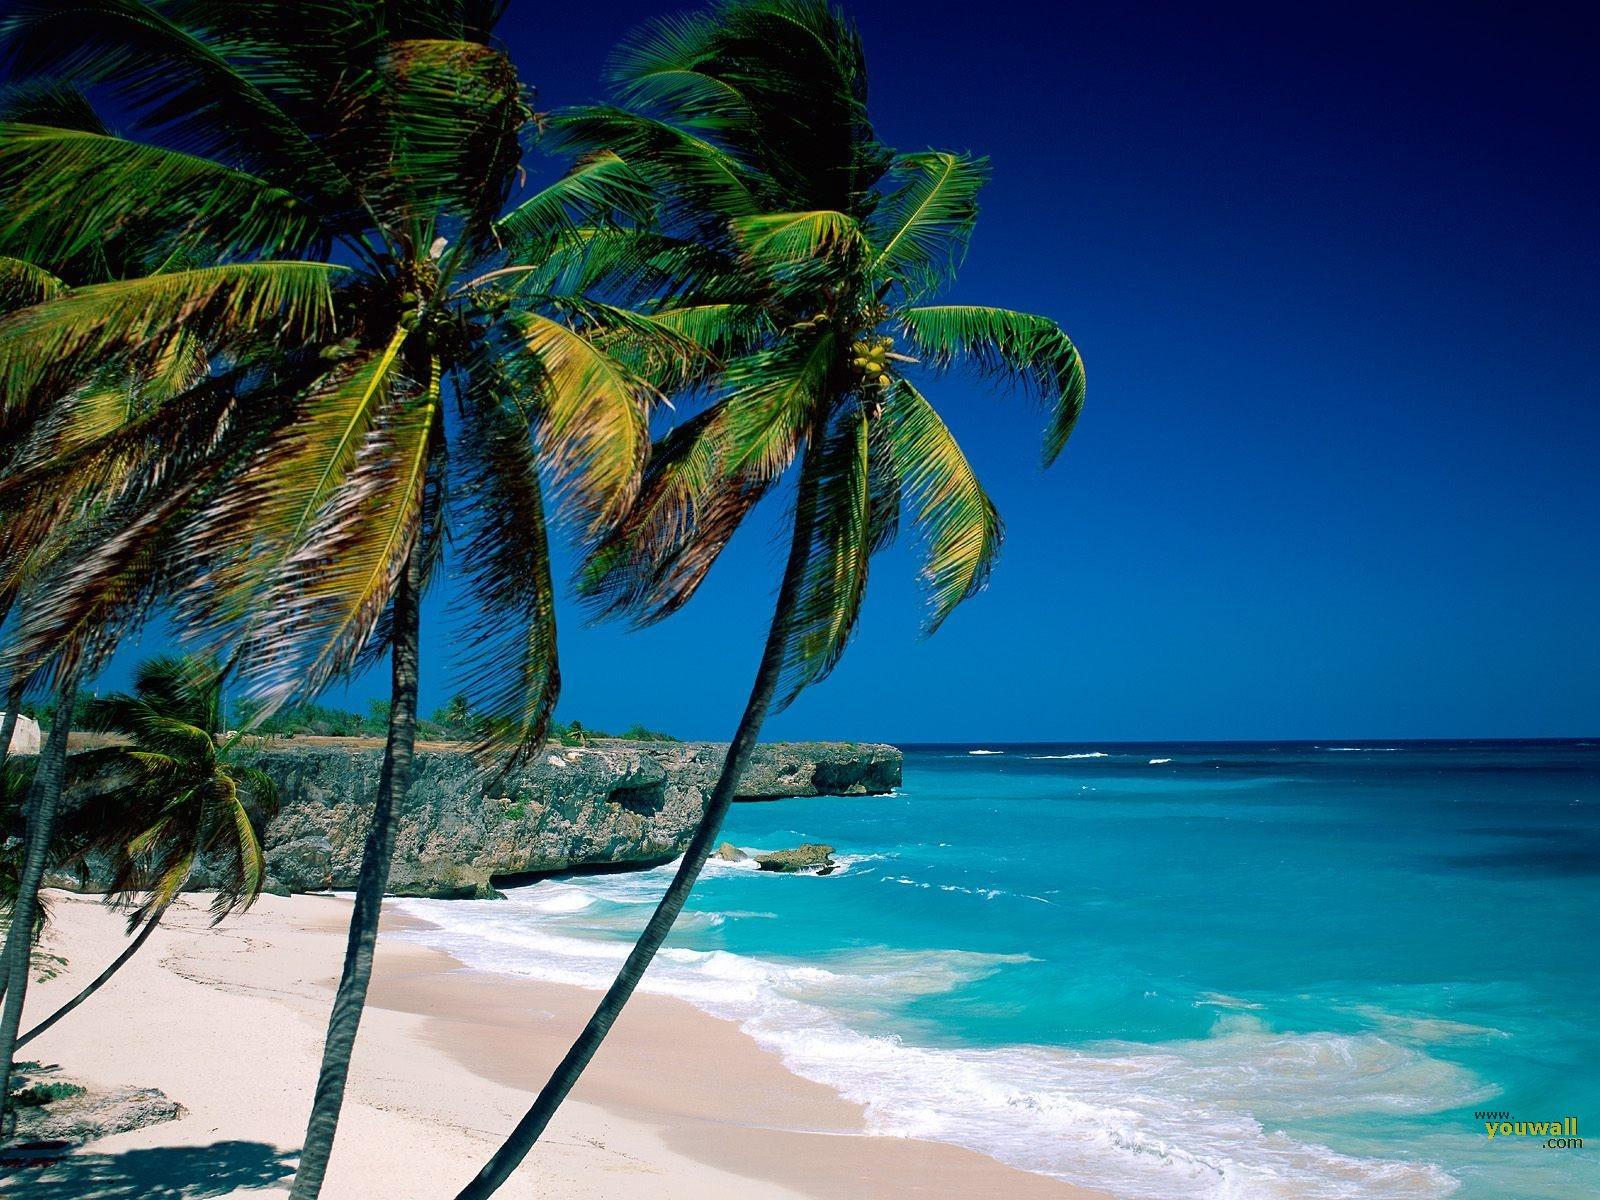 http://1.bp.blogspot.com/-bB-Q5W8cDr8/TwAnGdAO17I/AAAAAAAAAdE/yQvGiqm5tMs/s1600/Beach+View.jpg